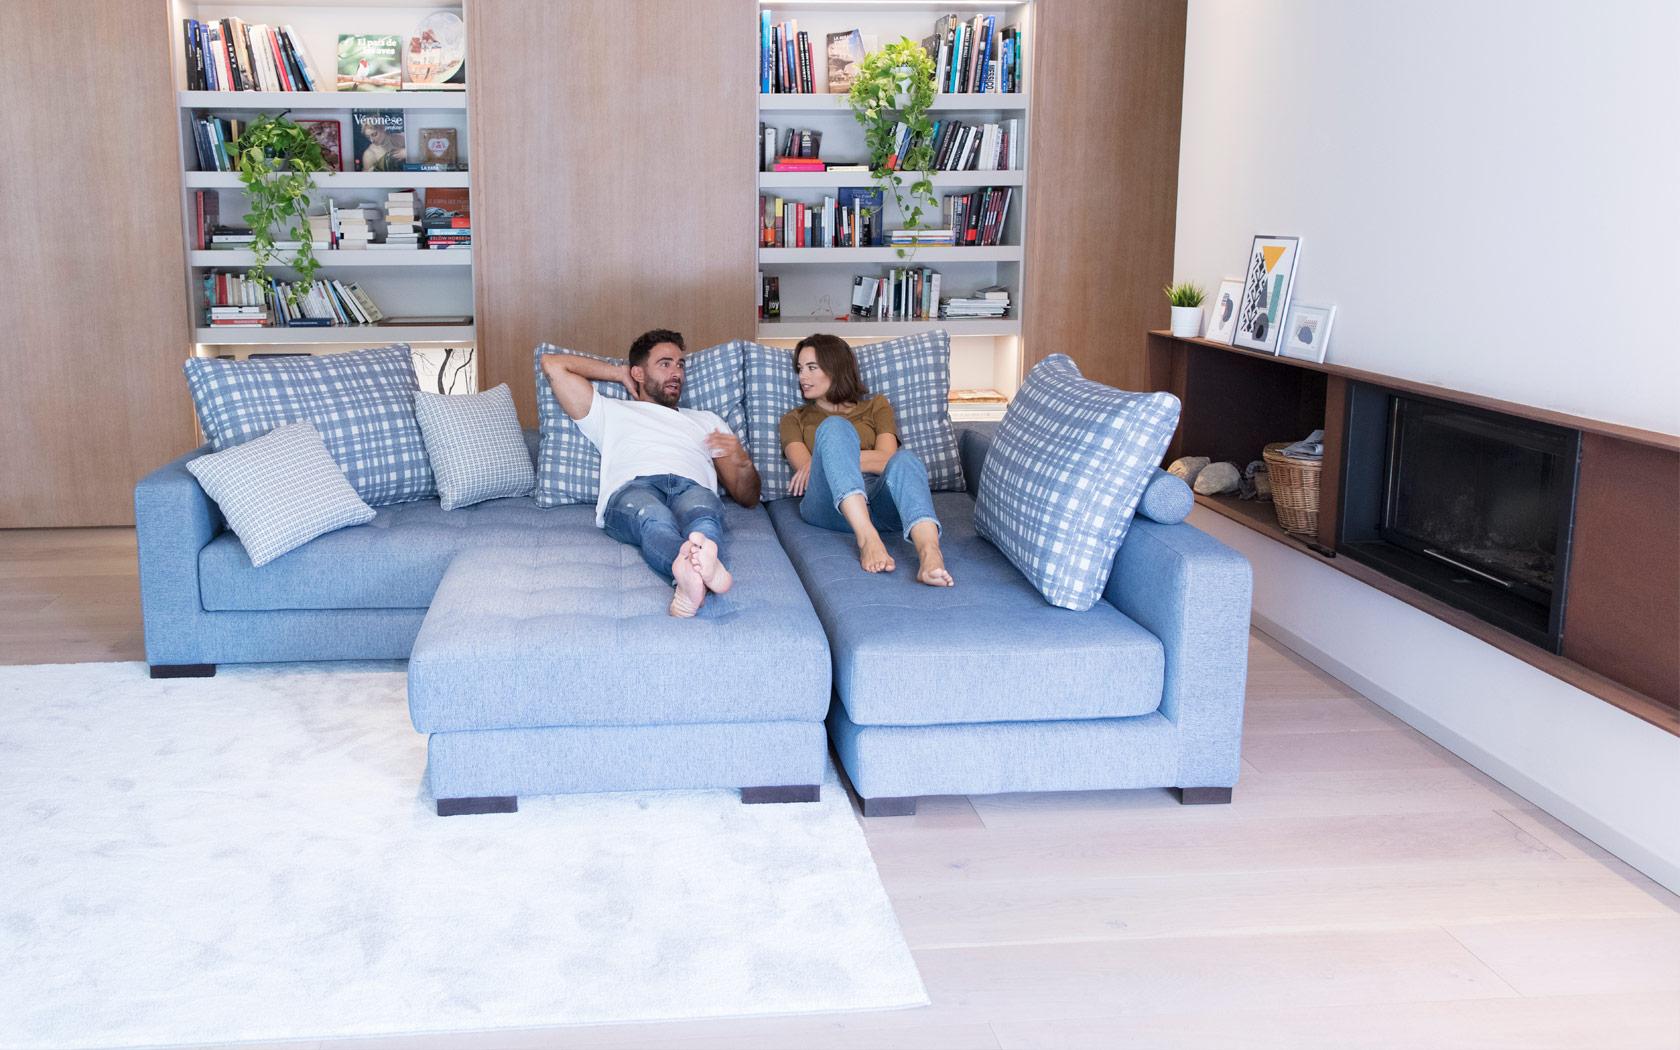 Manacor sofa Fama 2020 06